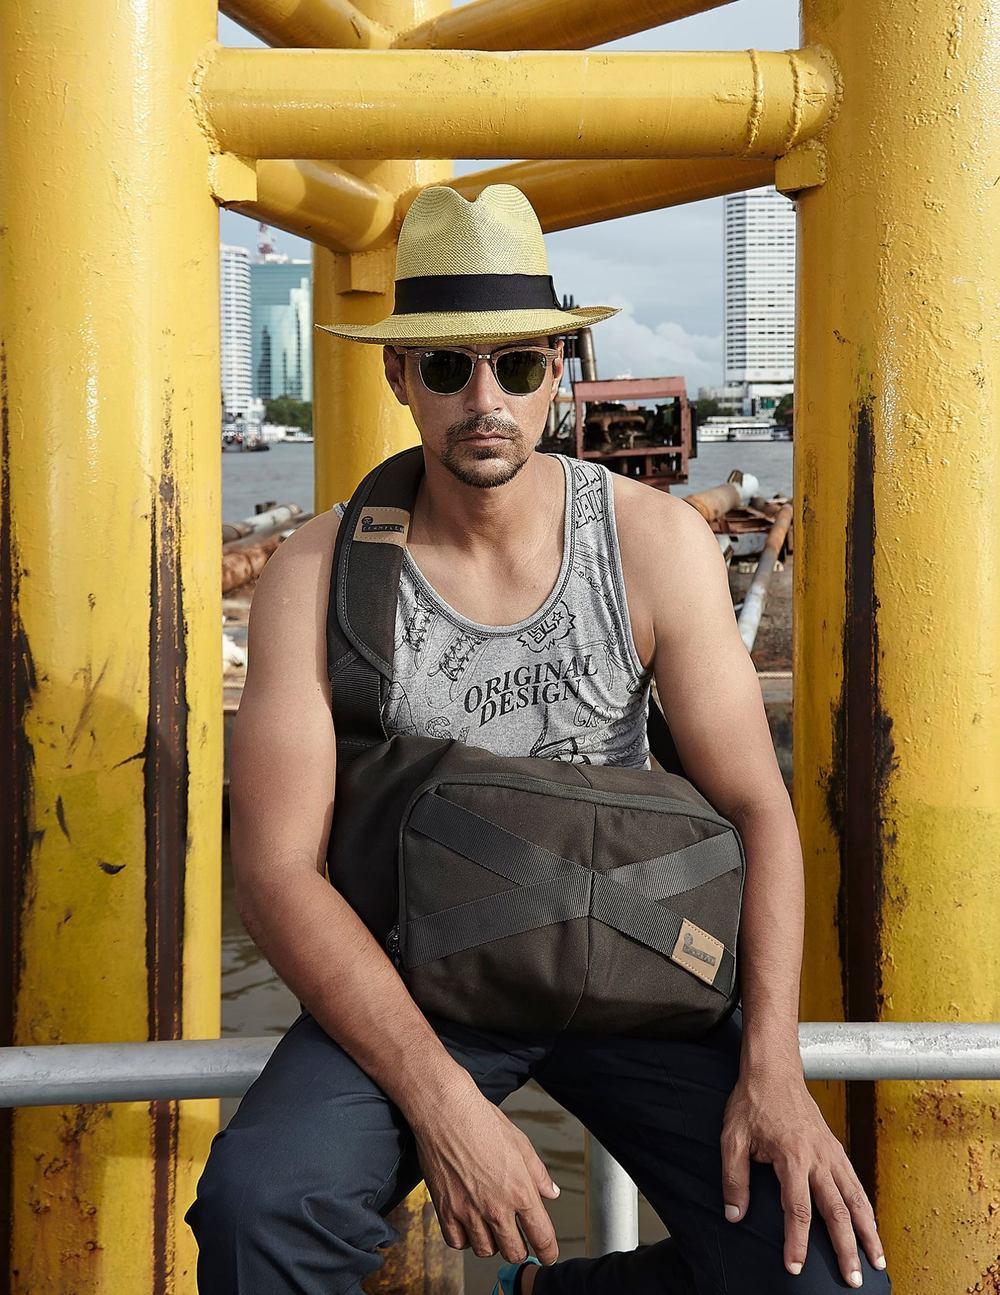 Tank top: Singha life / Pants: Playhound / Bag: Crumpler